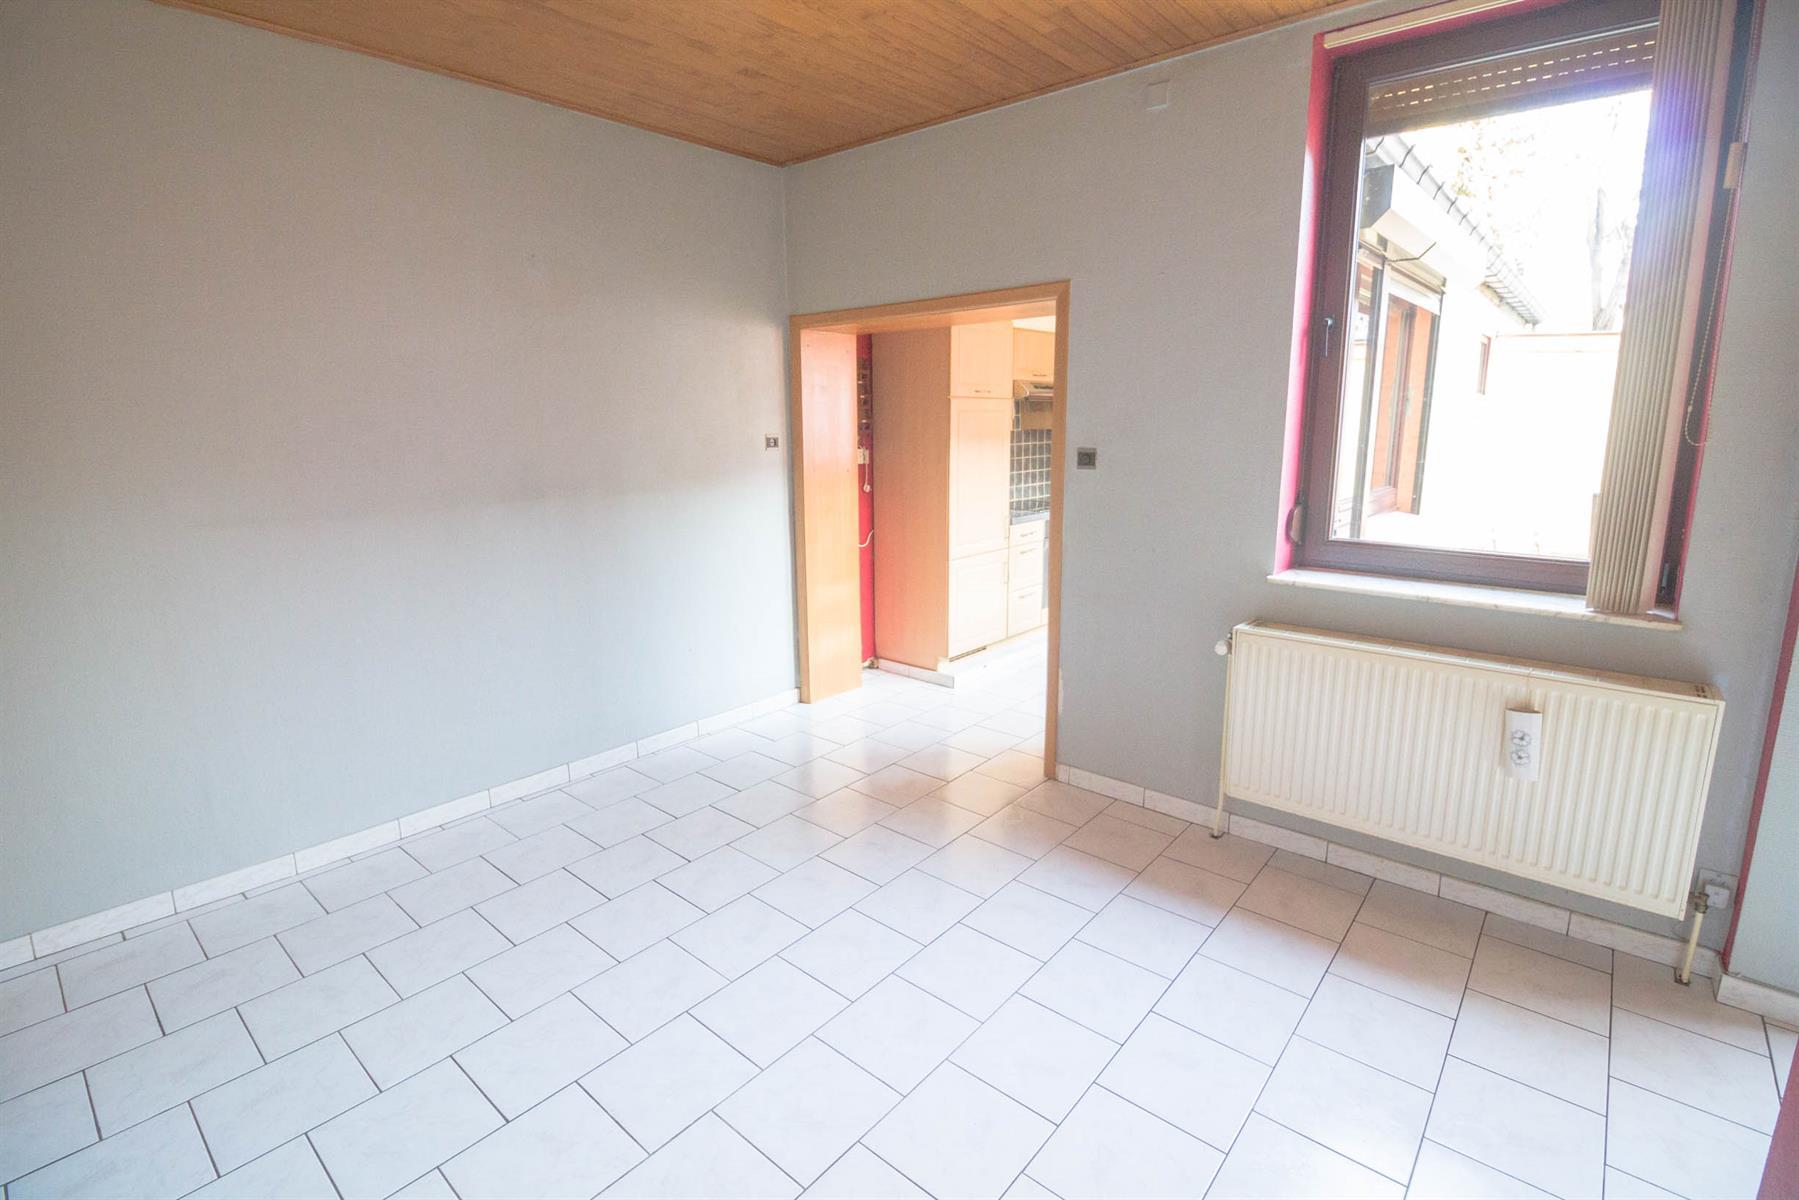 Maison - Marchienne-au-Pont - #4027759-7